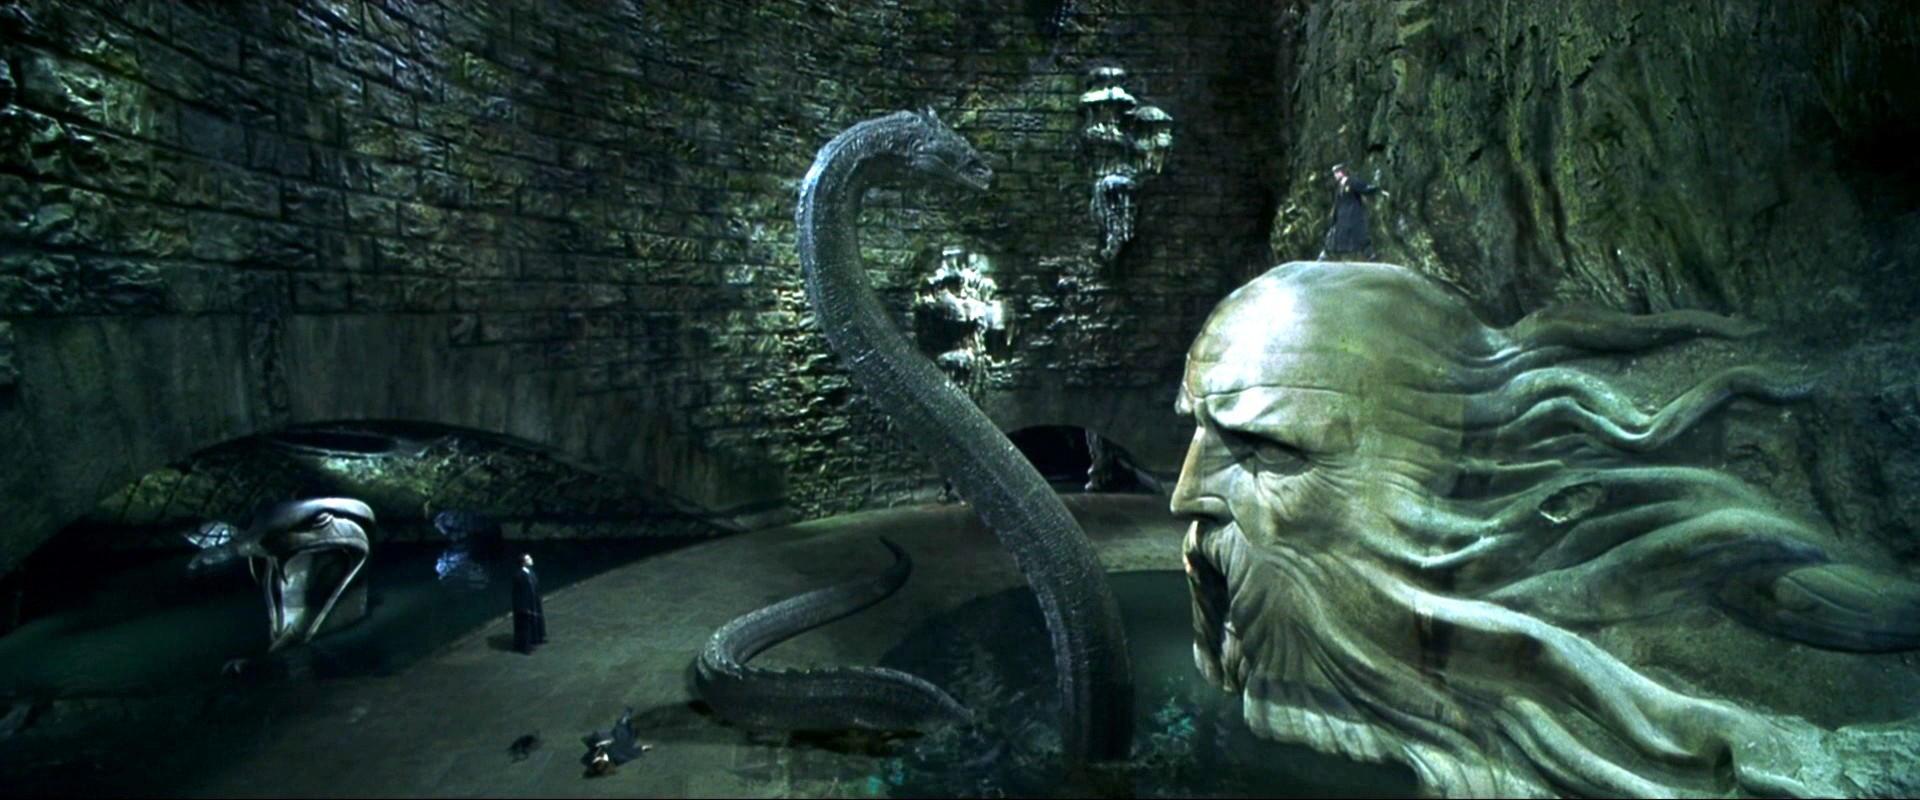 Василиск — мифологическое чудовище с головой петуха